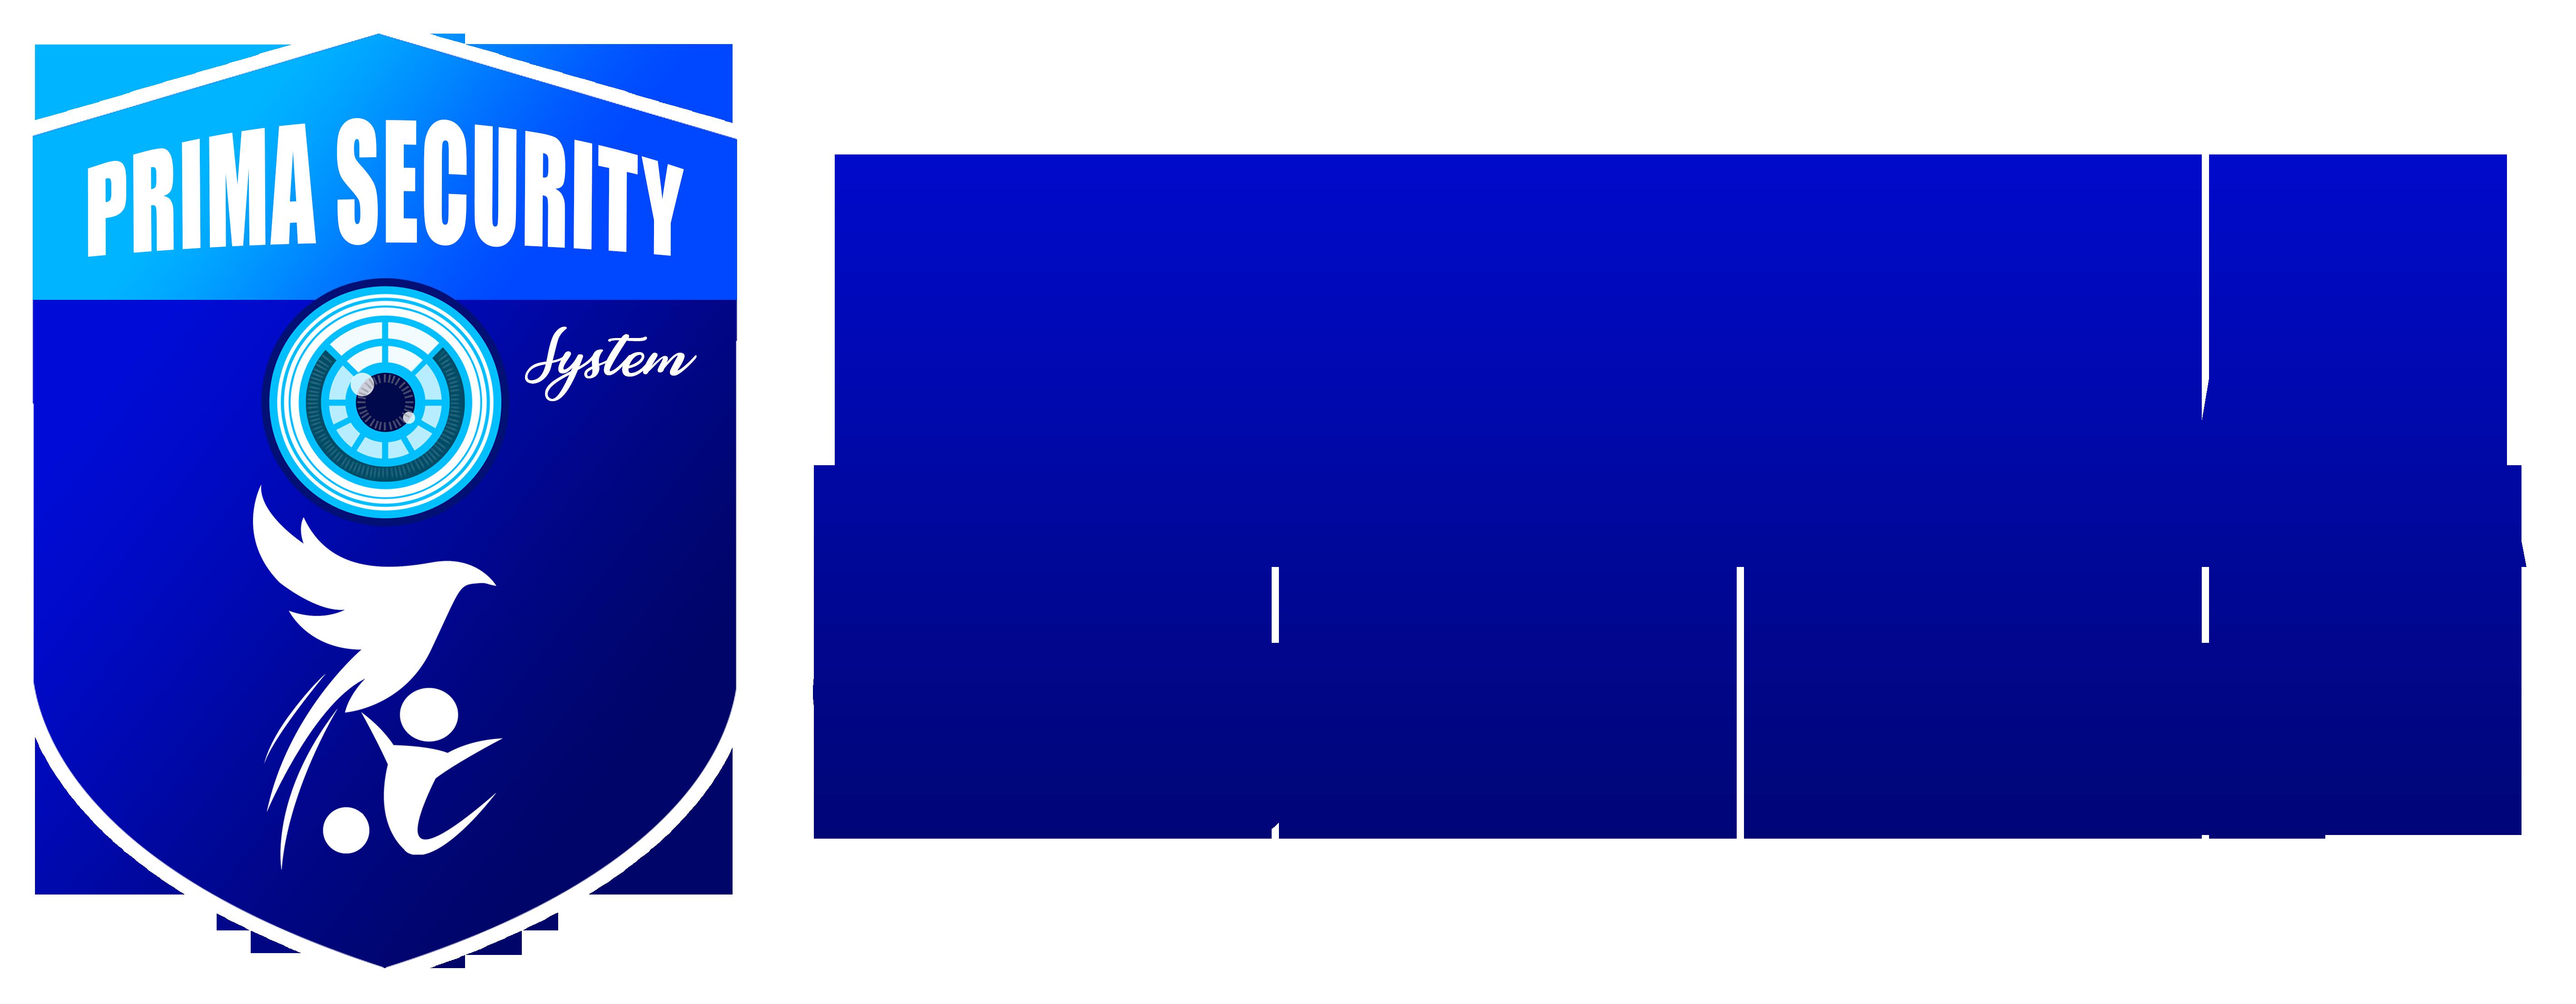 Prima Security System - Aplikasi patroli online terbaik